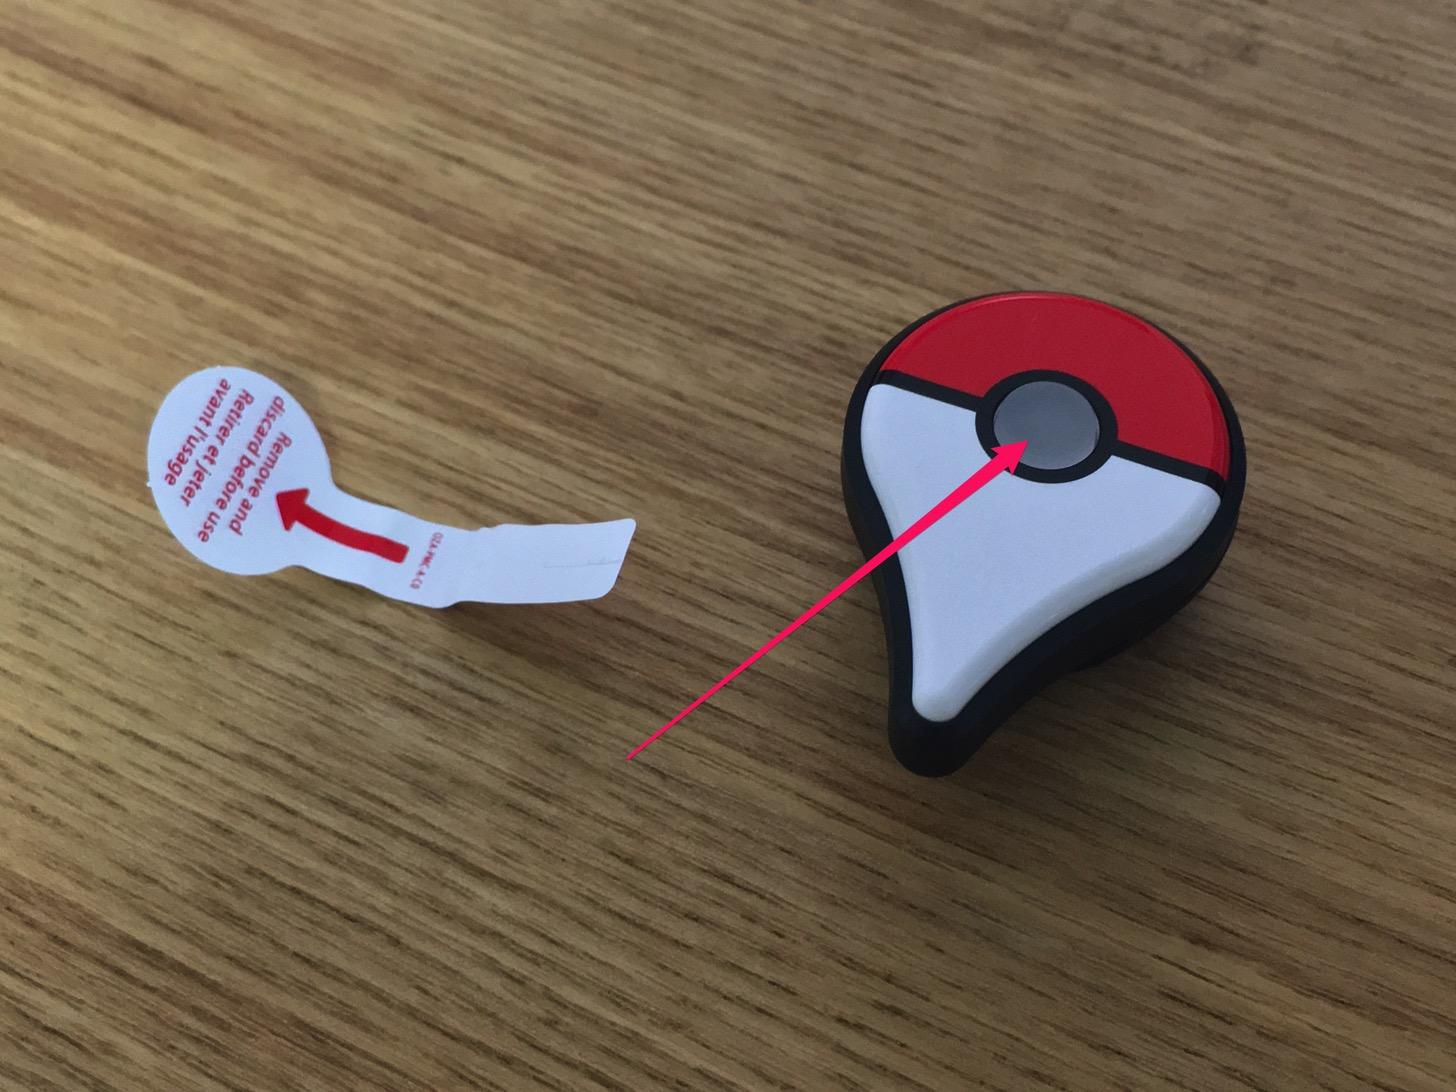 Pokémon GO Plusのボタンを押す。